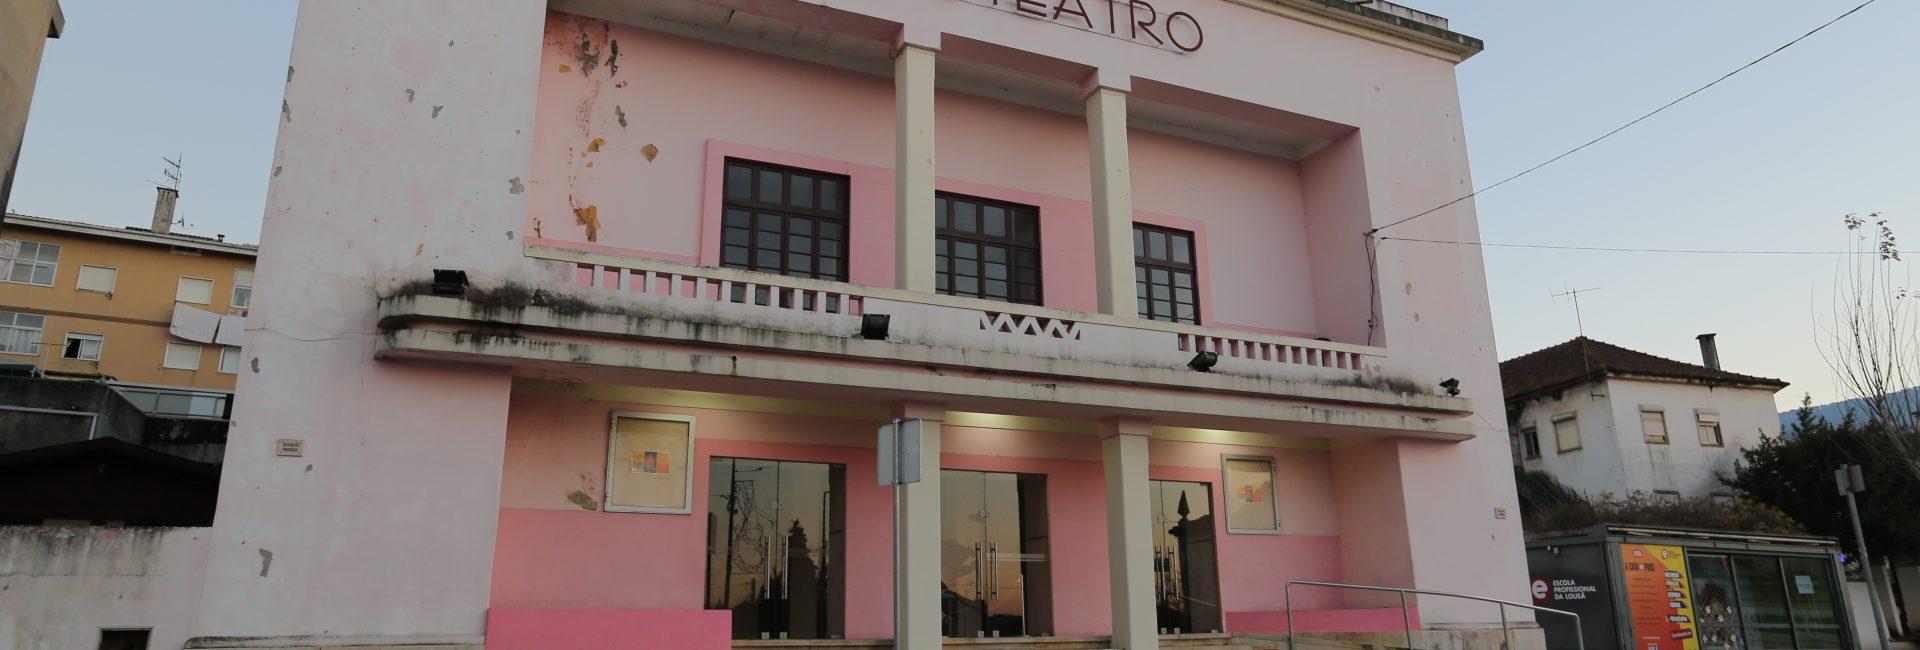 Lançado concurso público para a modernização do Cine Teatro da Lousã